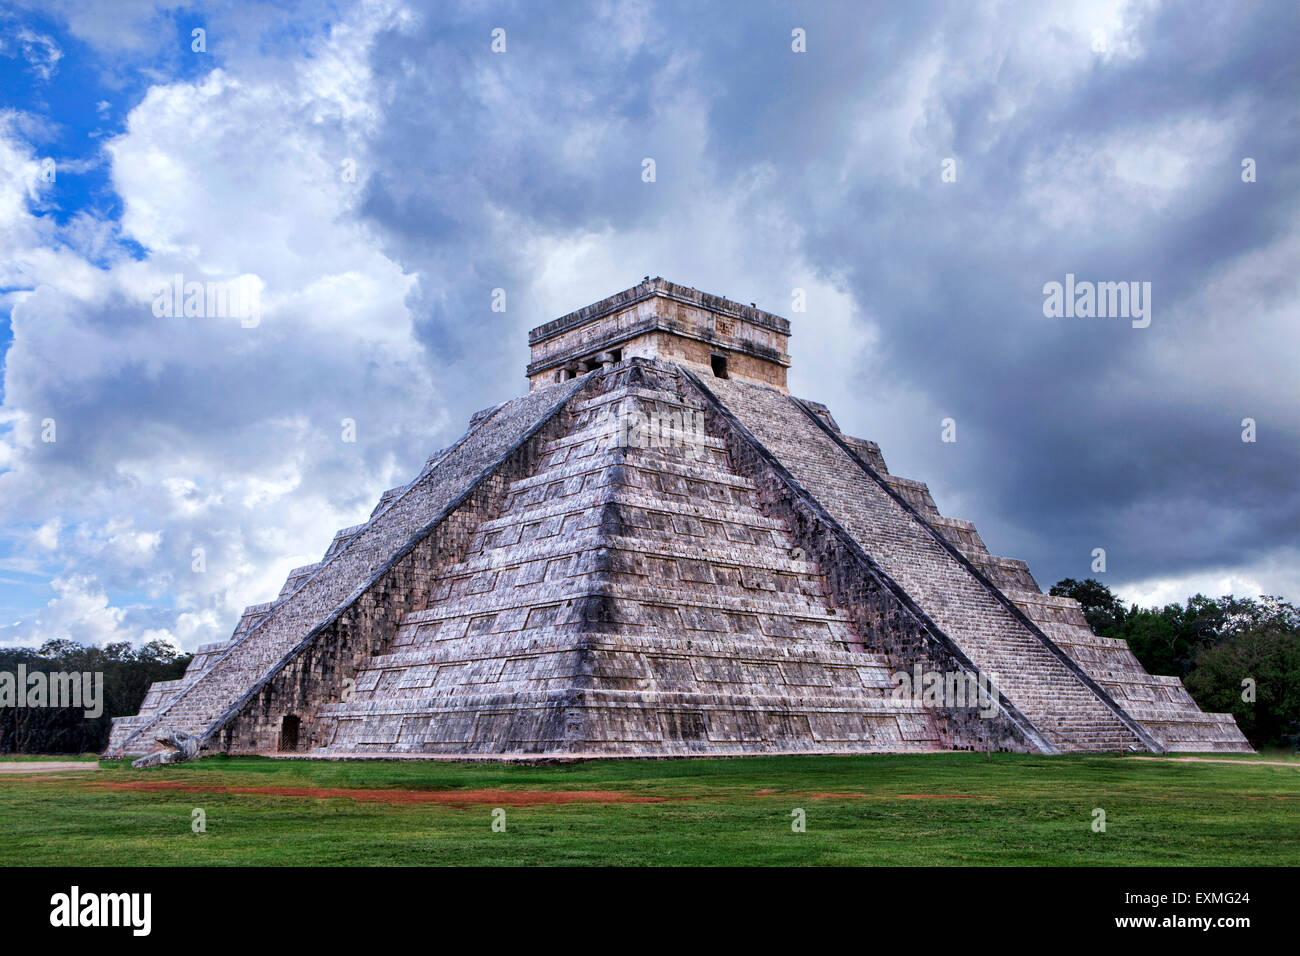 Temple of Kukulkan, Chichen-Itza, Yucatan Peninsula, Mexico, Central America. - Stock Image